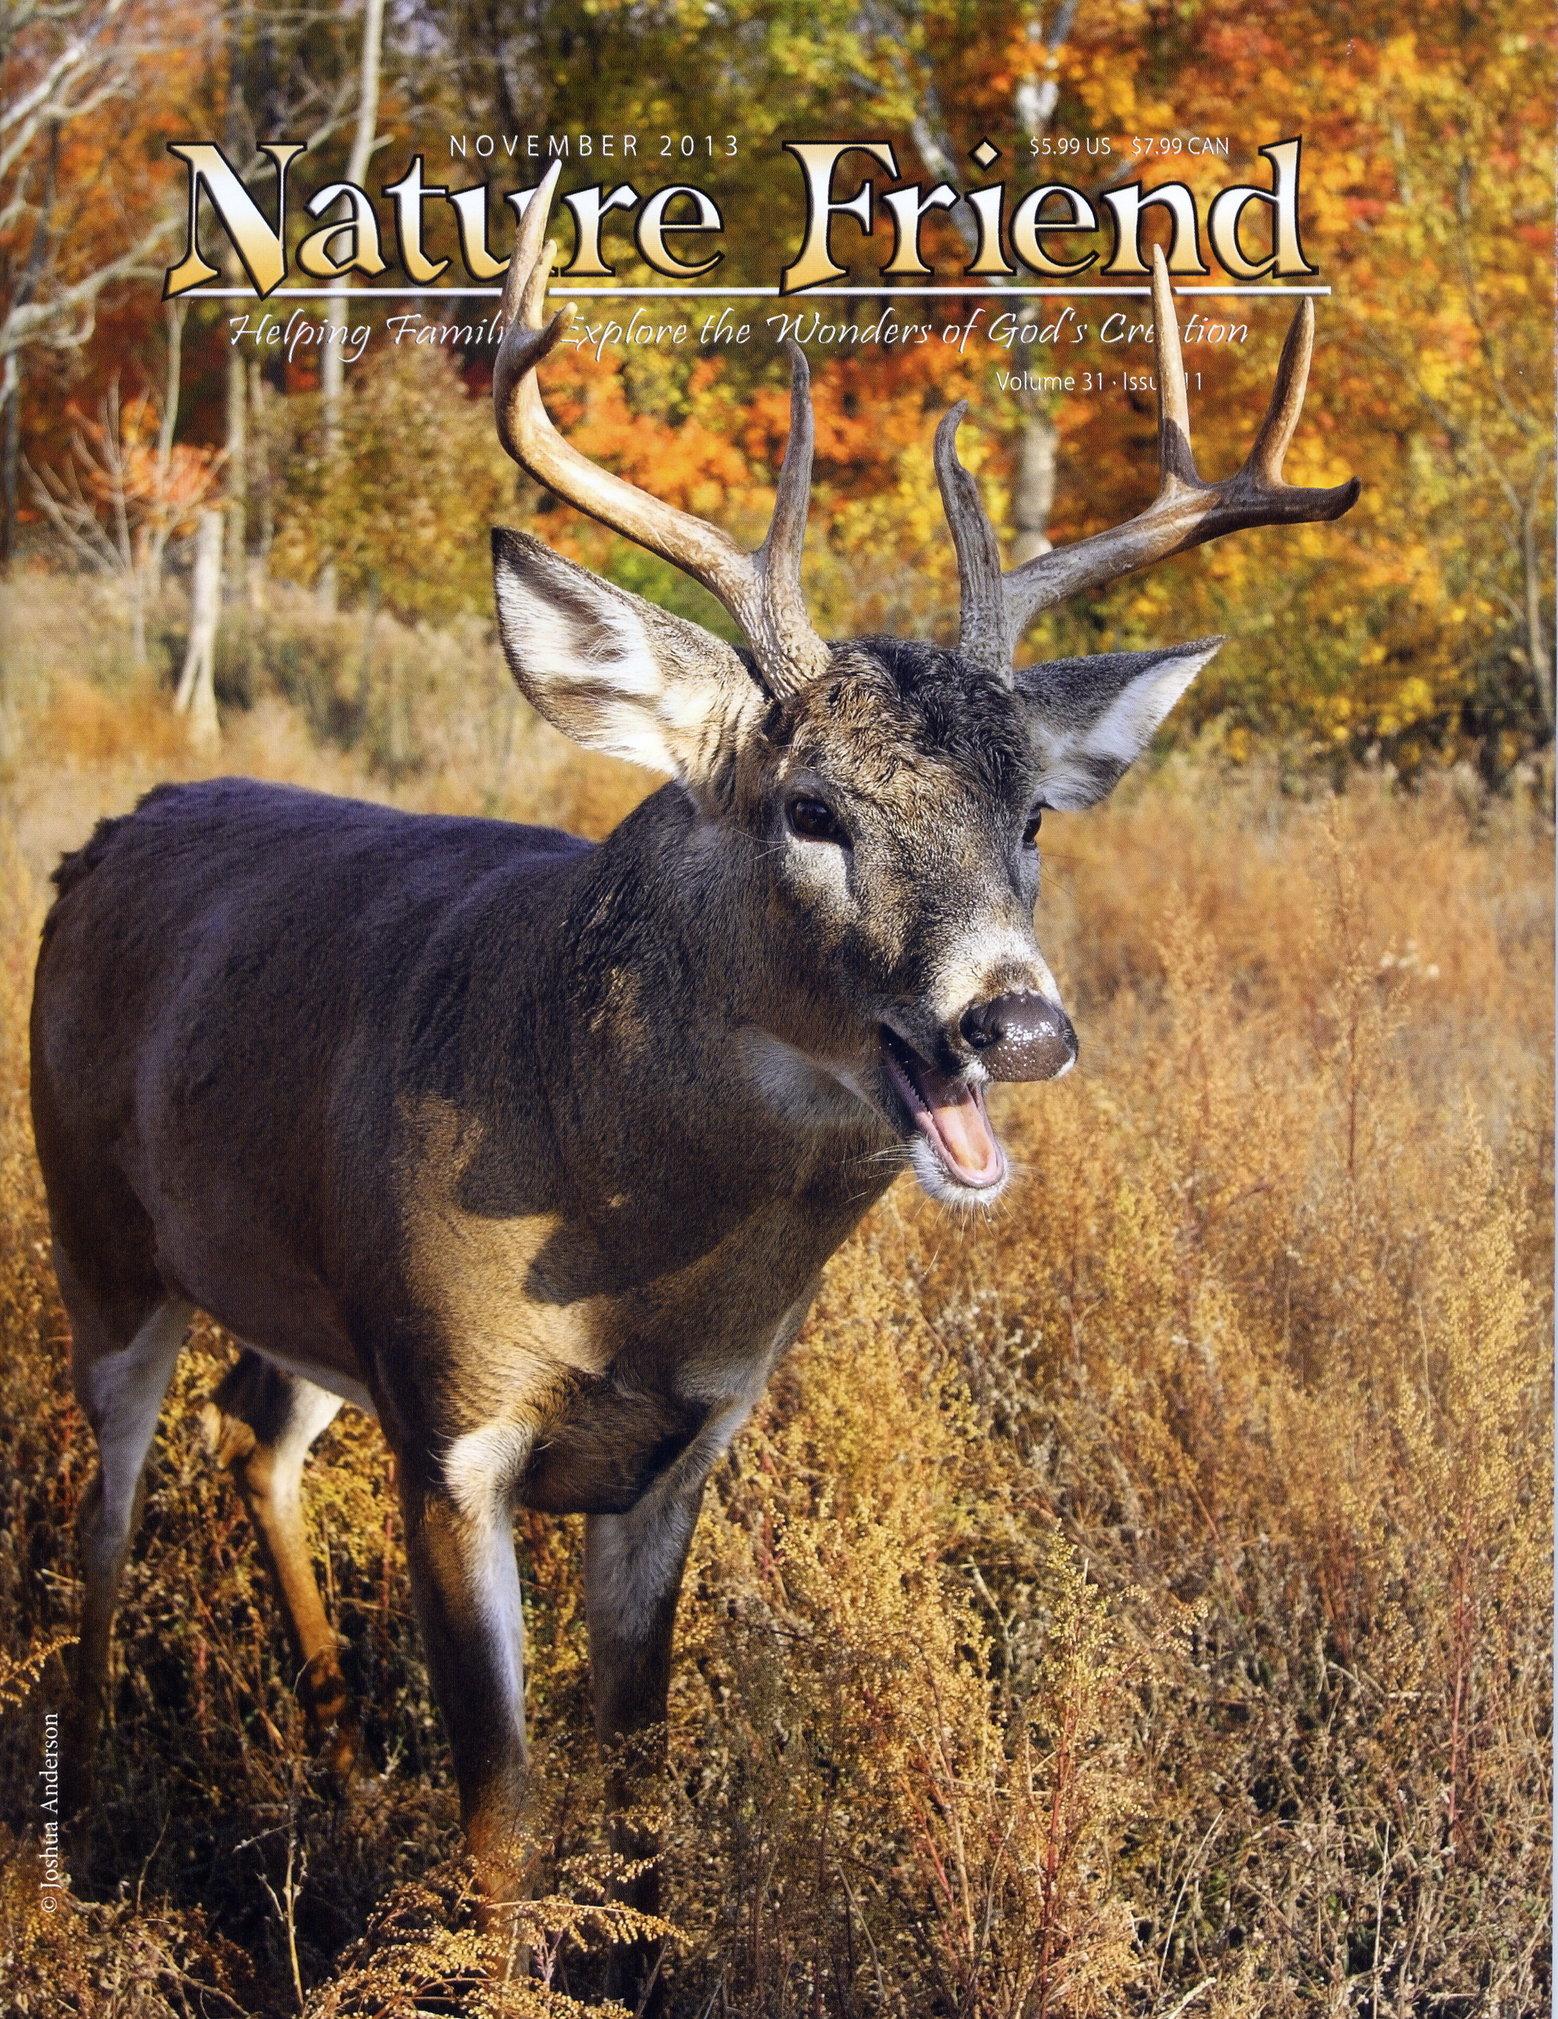 Nature Friend Magazine; © November 2013